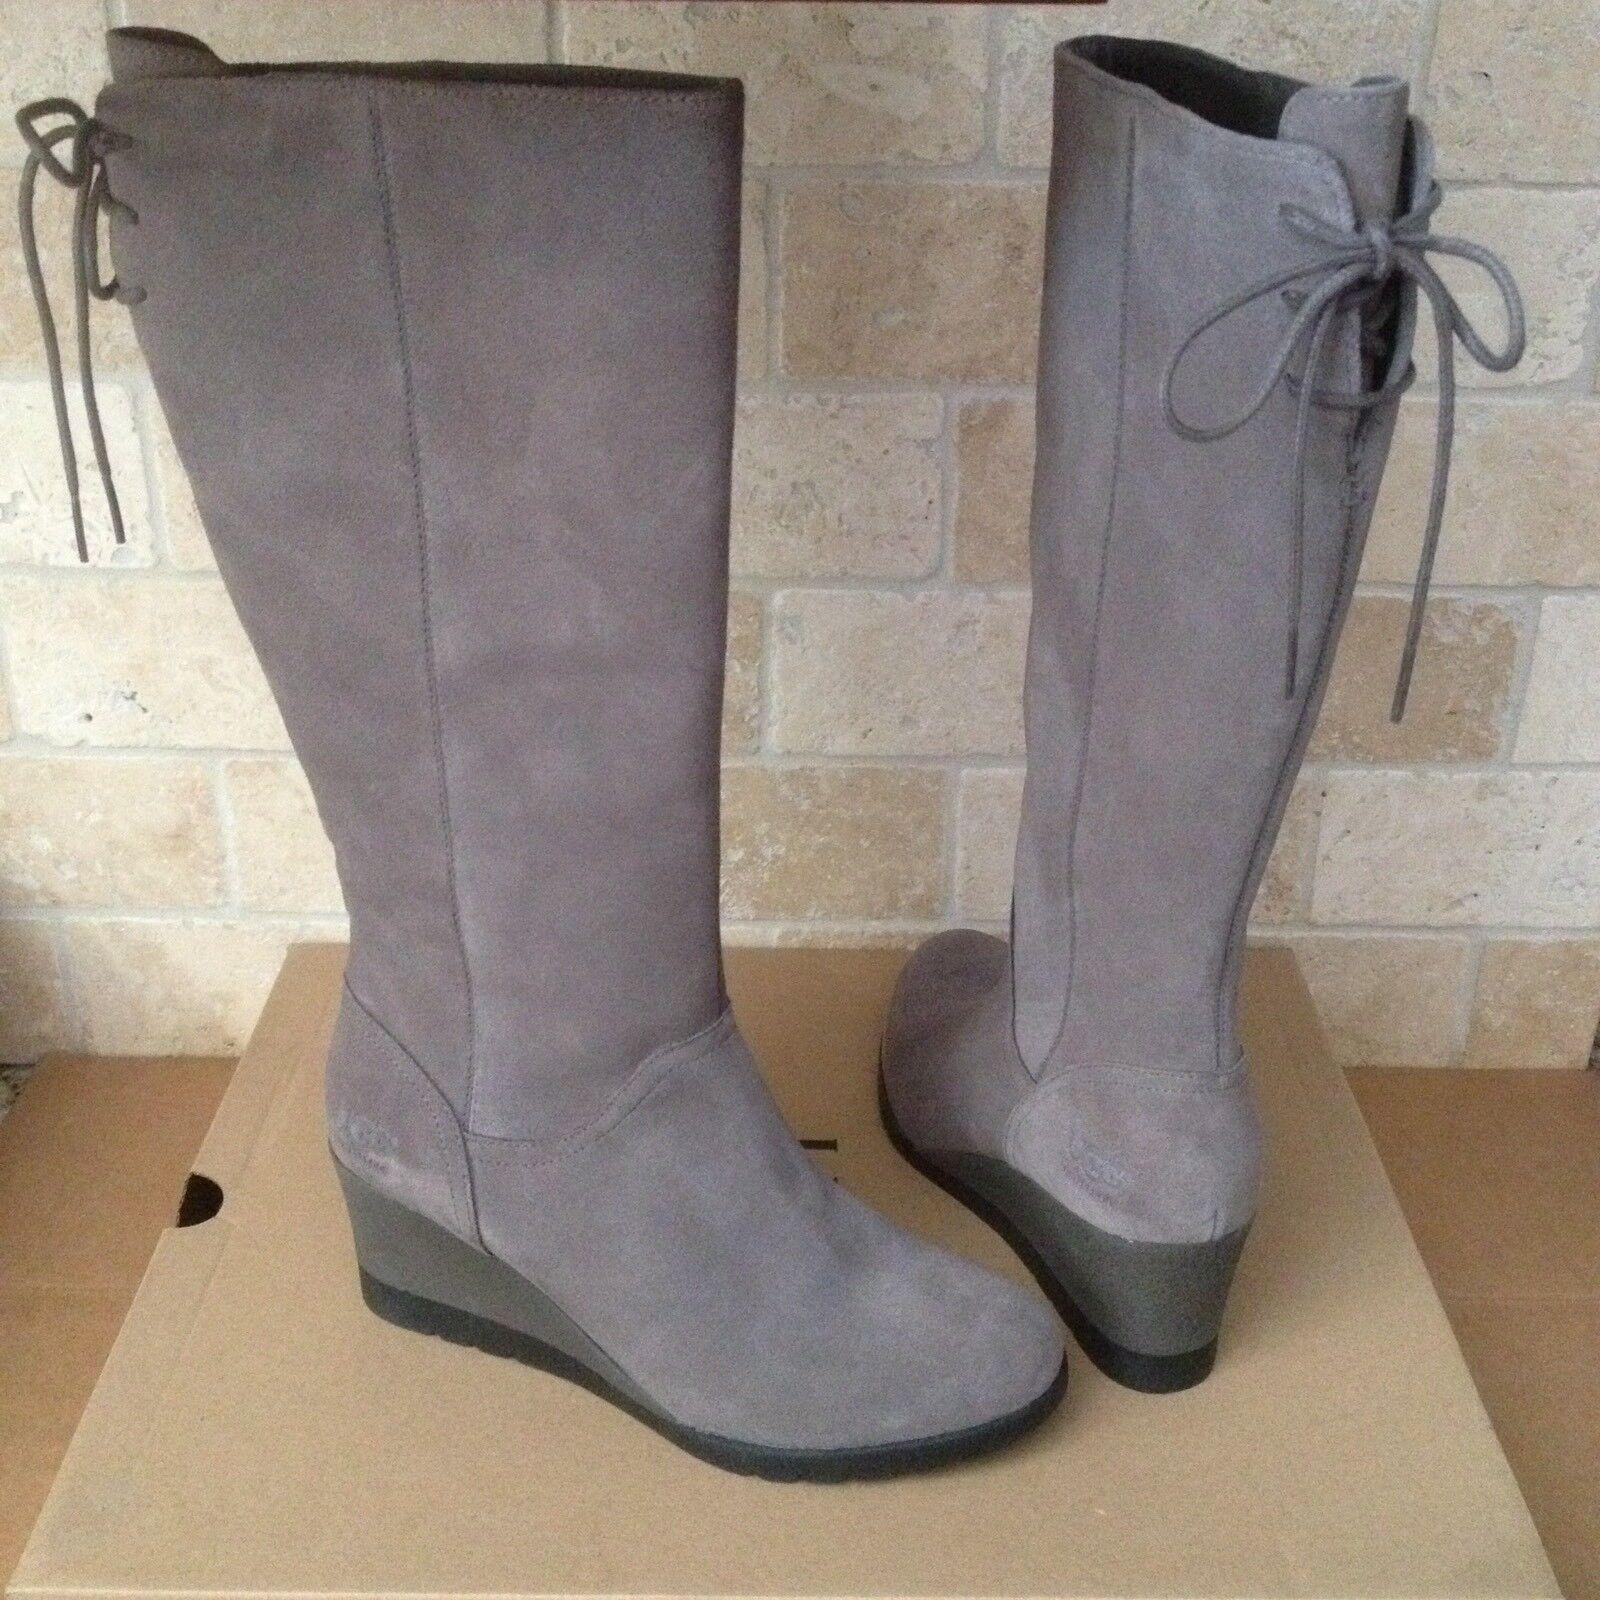 UGG Dawna Grey Suede Bow Cordones de caña alta con cordones impermeables hasta la rodilla Tamaño 6 Mujeres